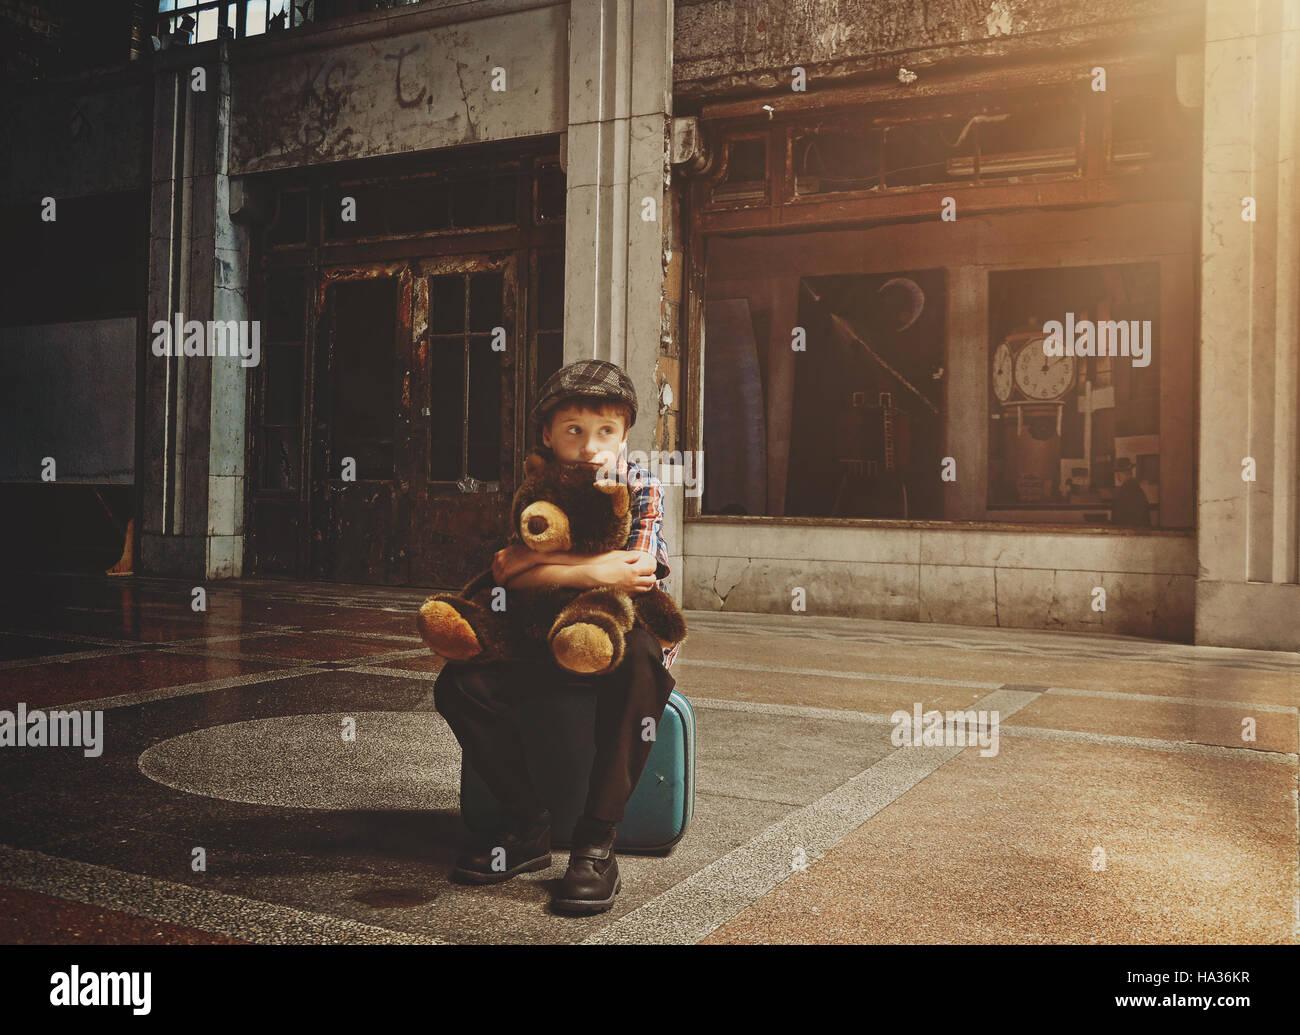 Paura di un giovane ragazzo che è seduto su una valigia di viaggio in un vecchio edificio tenendo un orsacchiotto Immagini Stock